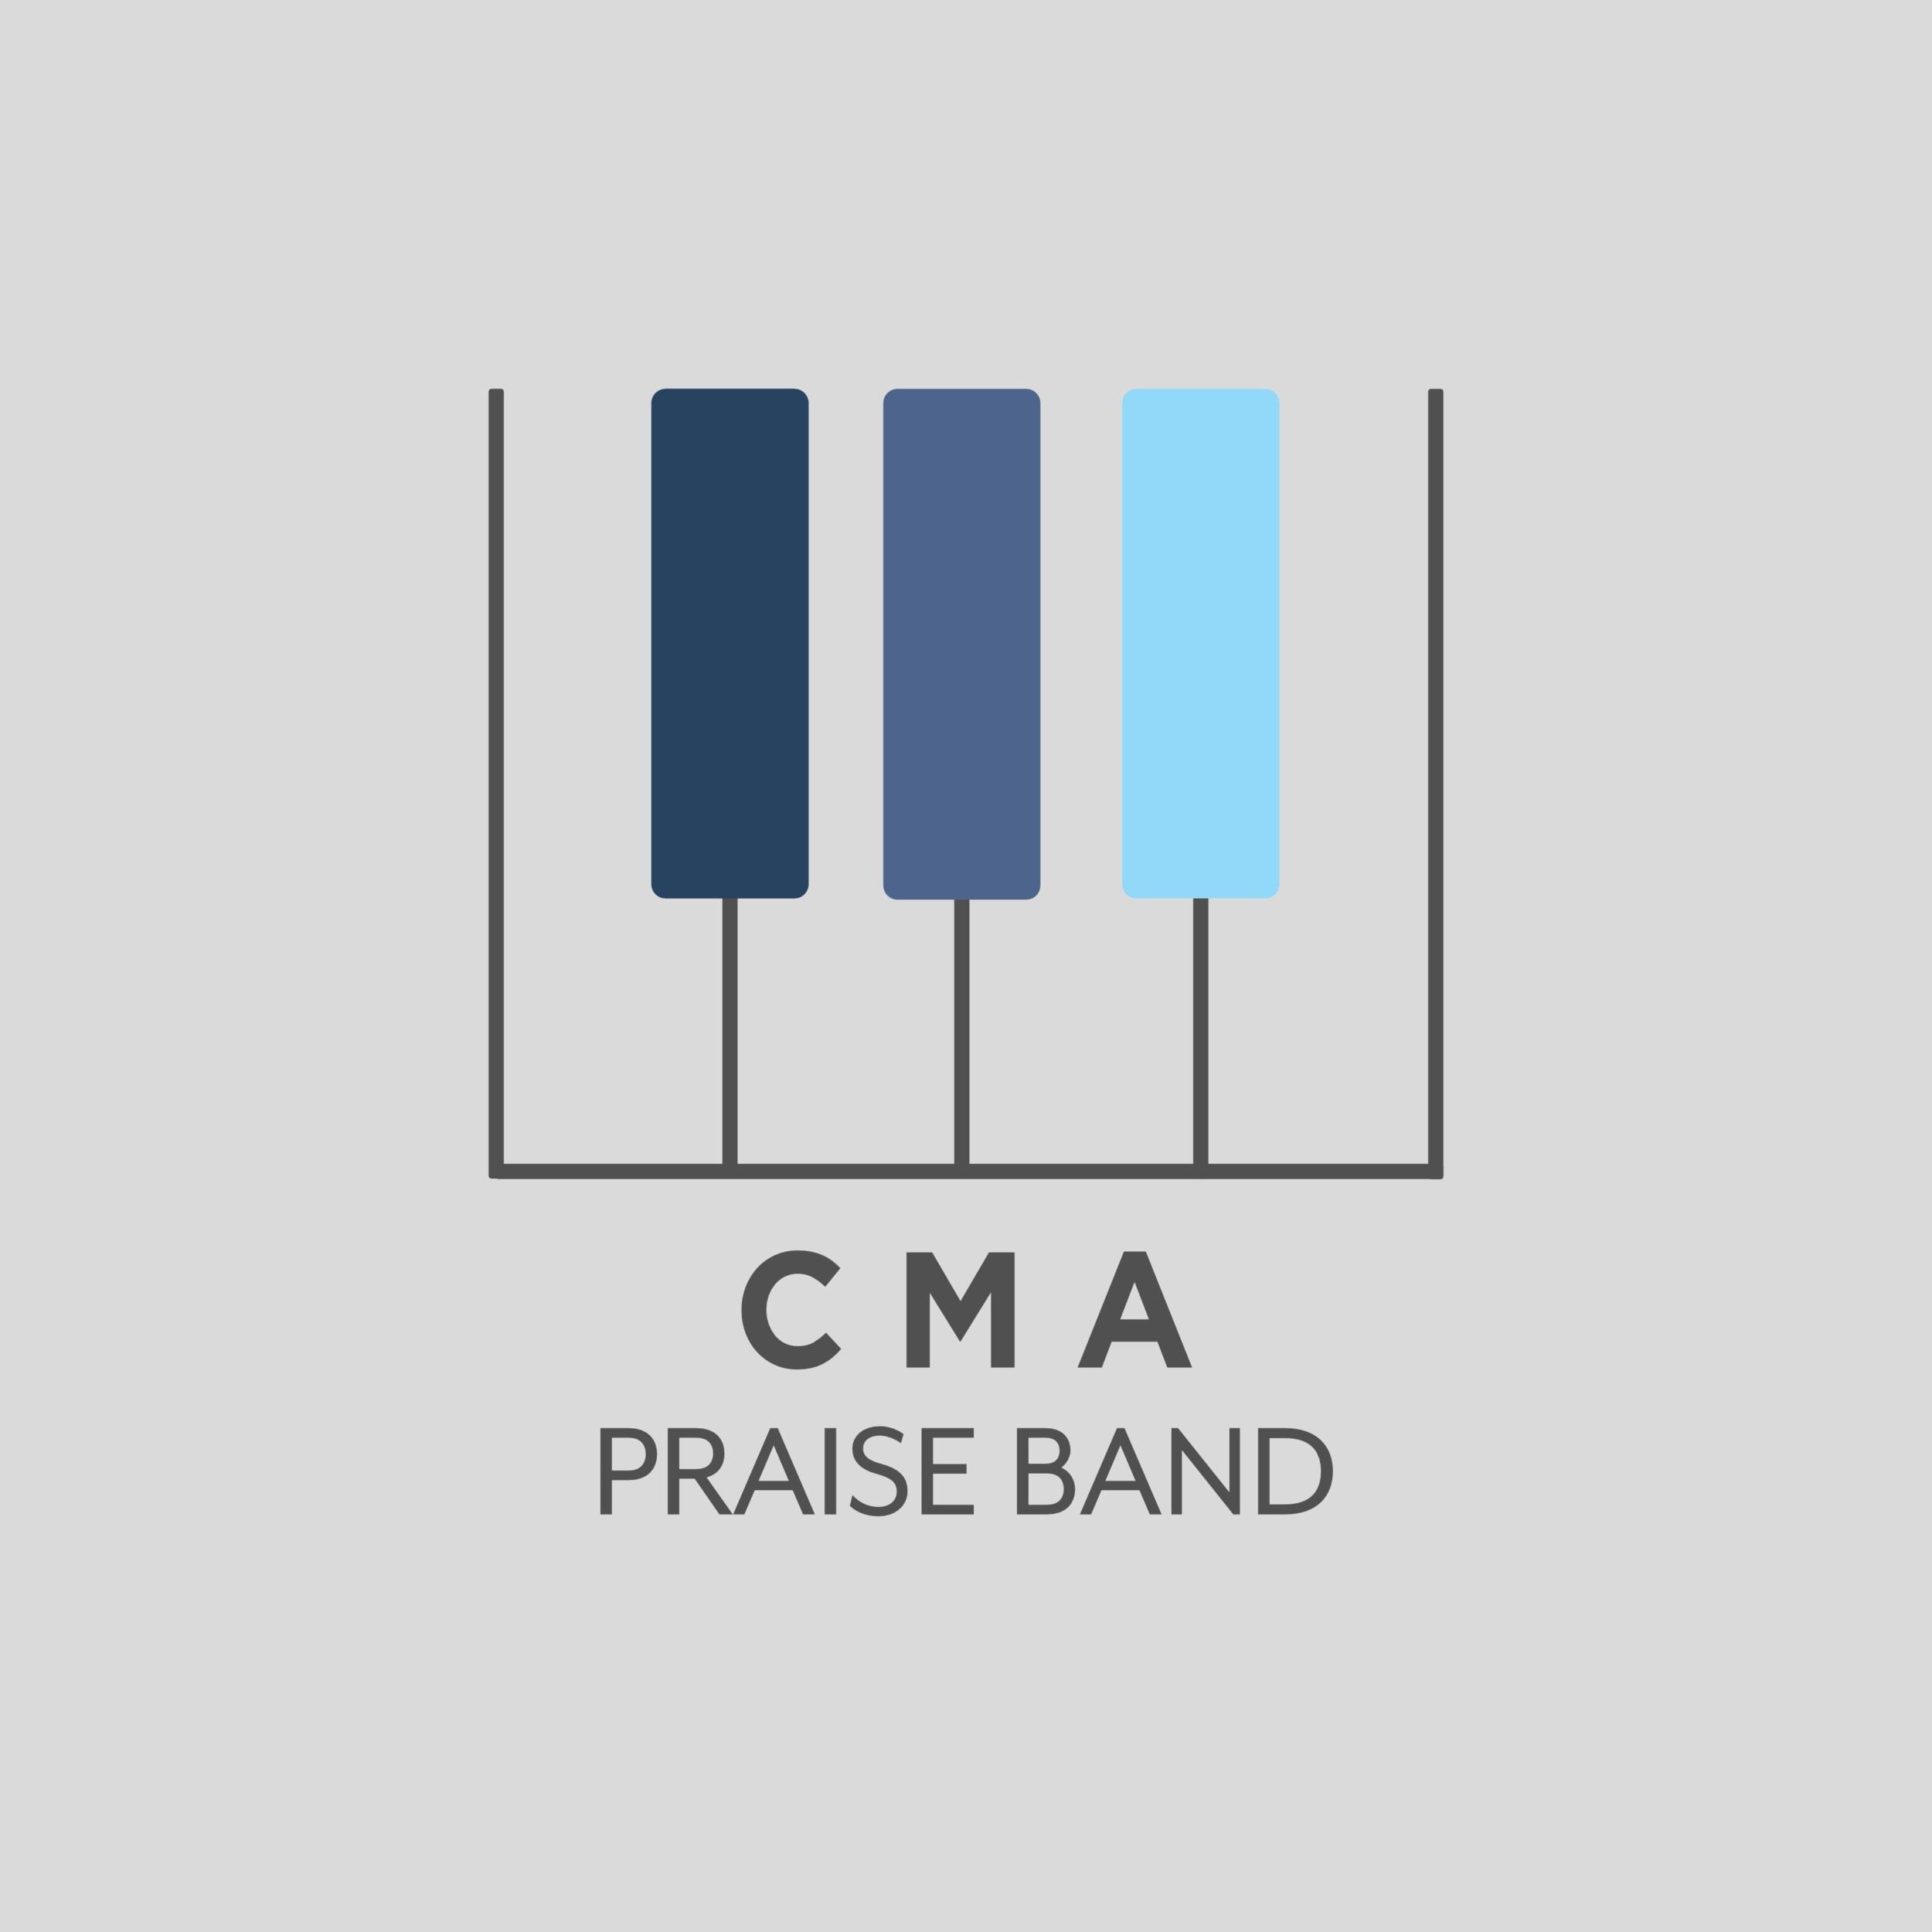 CMA+Praise+Band+Logo.jpg